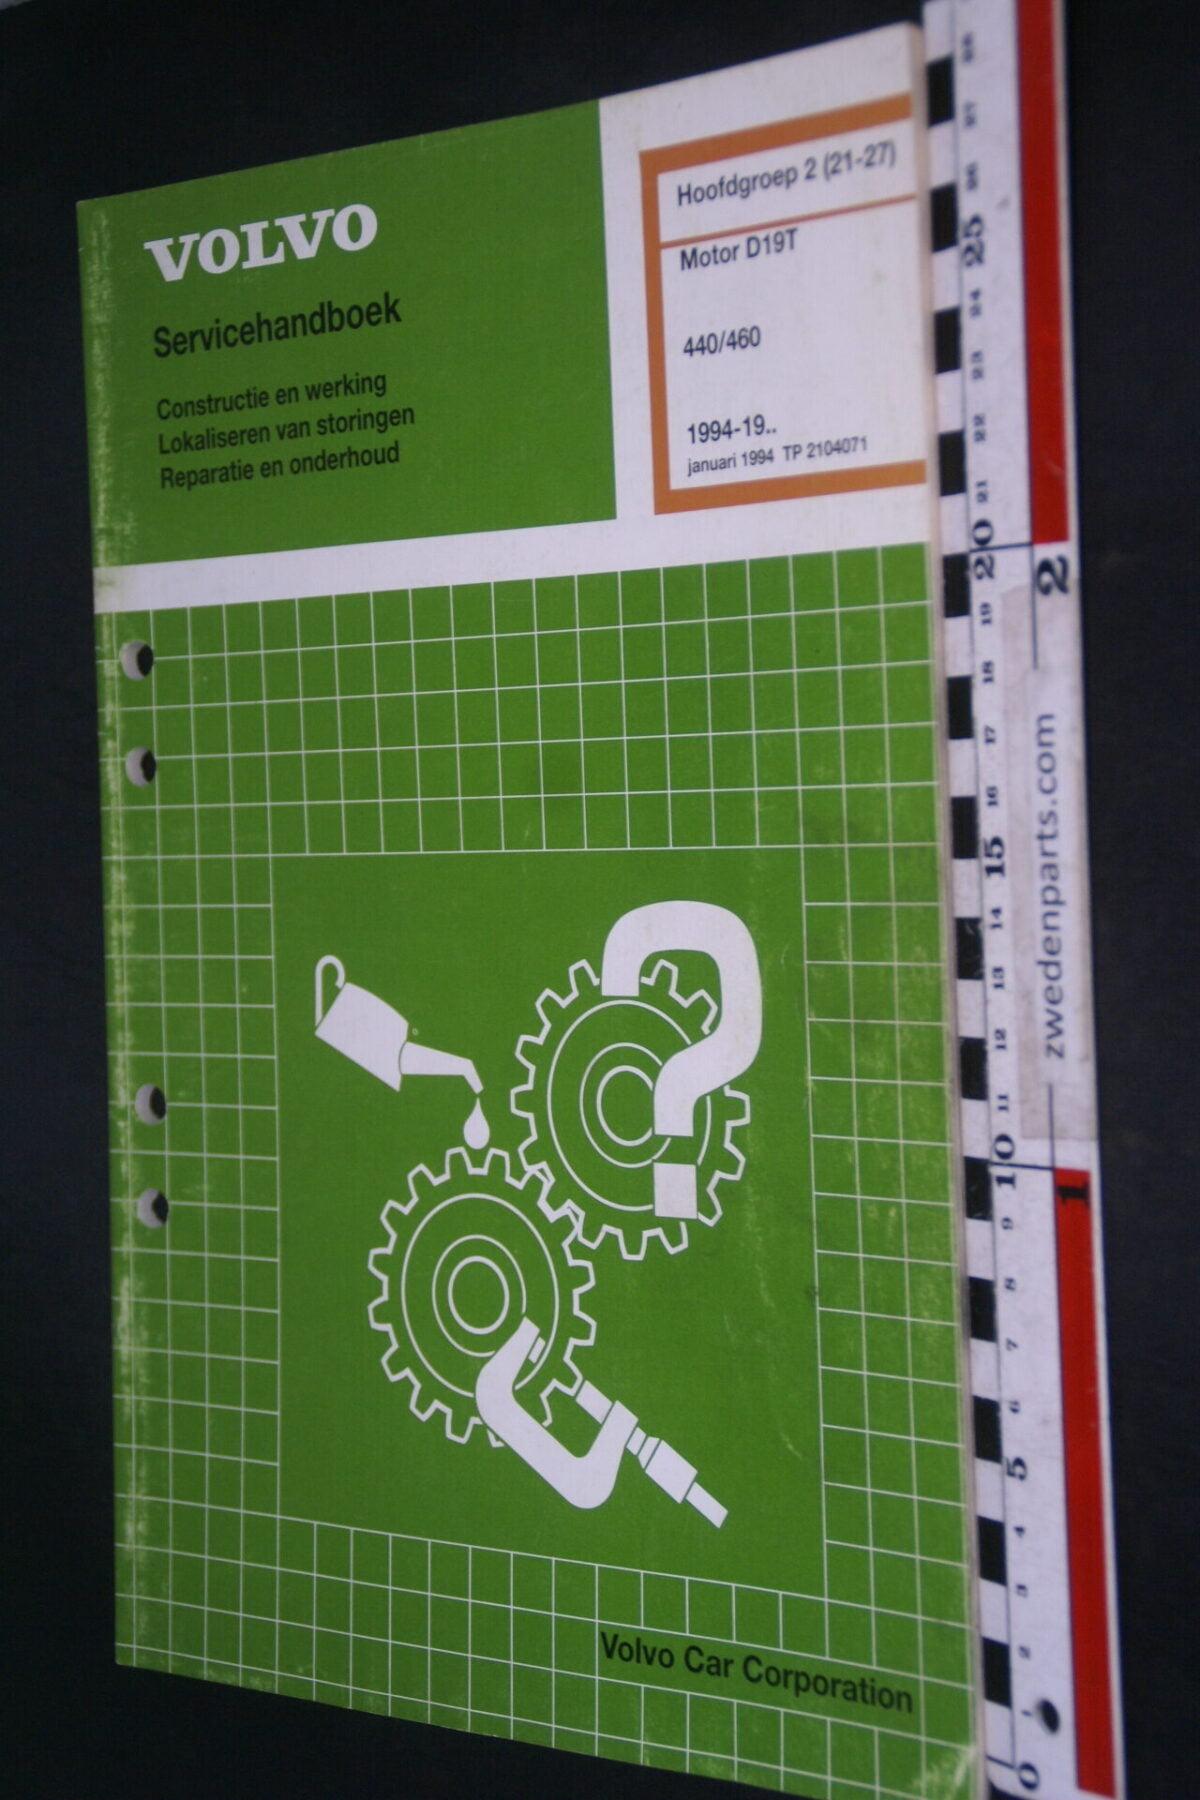 DSC09060 1994 origineel  Volvo 440 460 servicehandboek motor D19T 2 (21-27) 1 van 1.000 nr TP 2104071